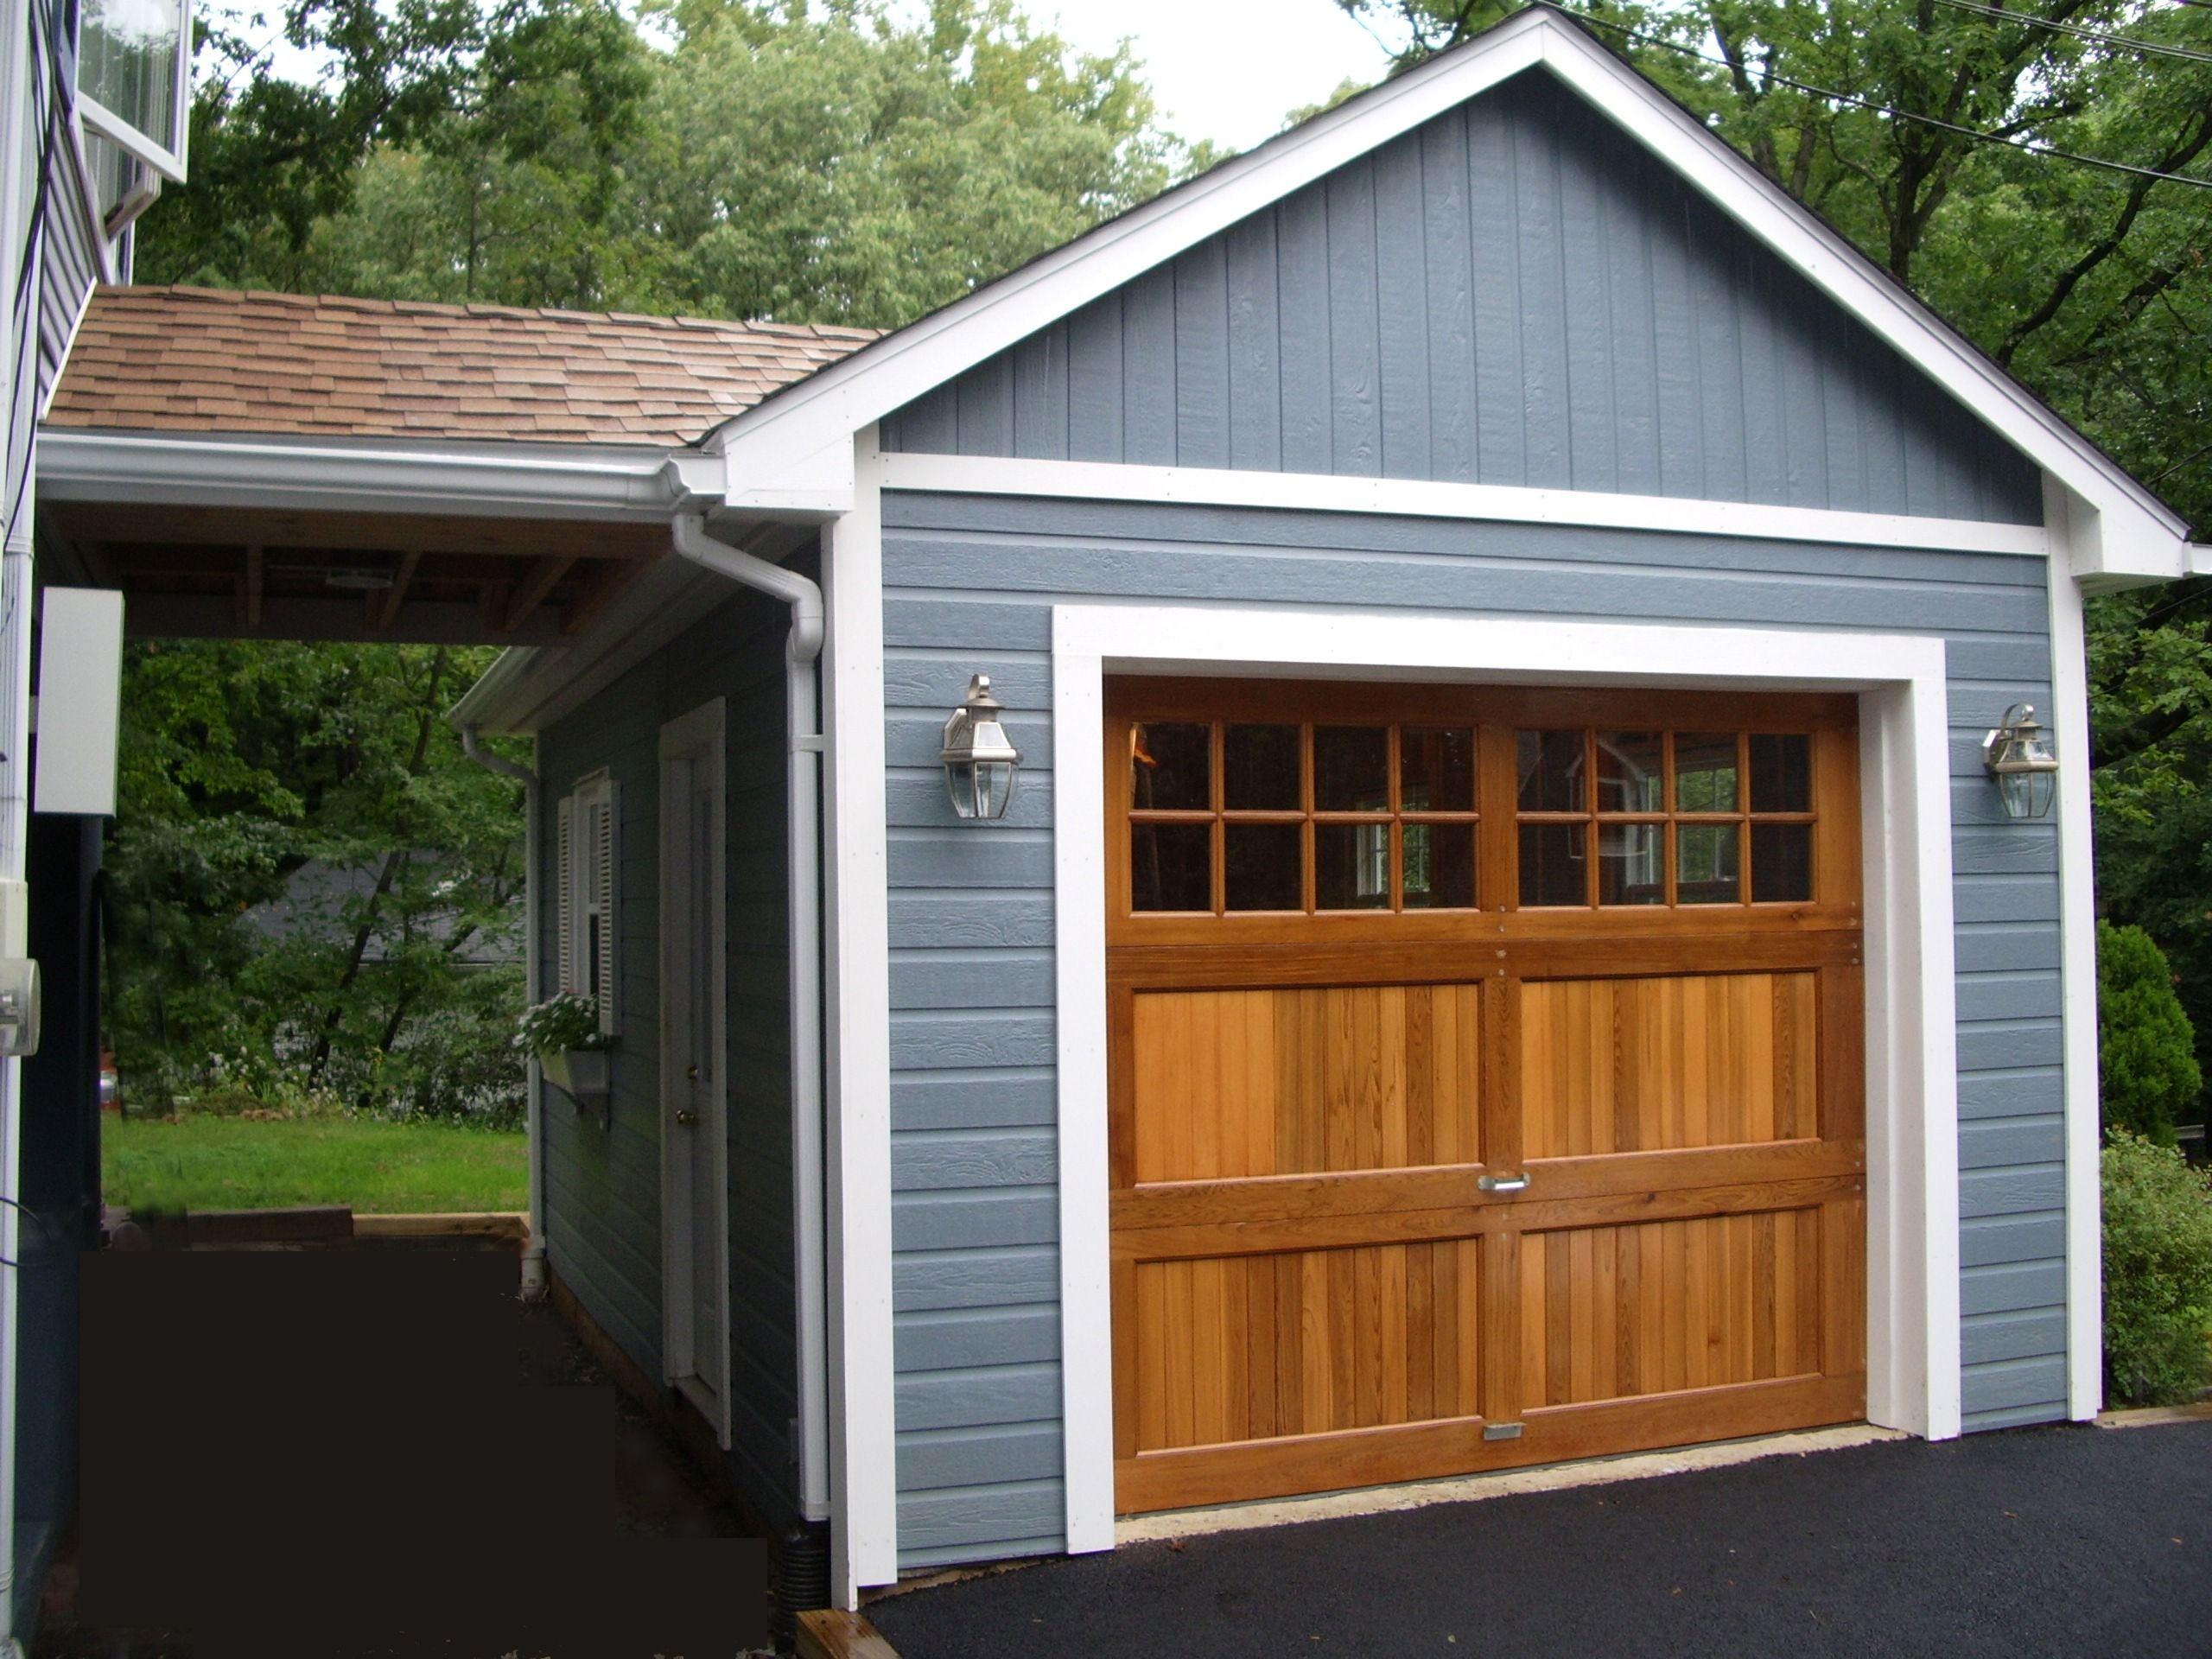 Summerwood Highlands Garage With Lots Of Storage Space Backyard Garage Best Garage Doors Garage Door Design